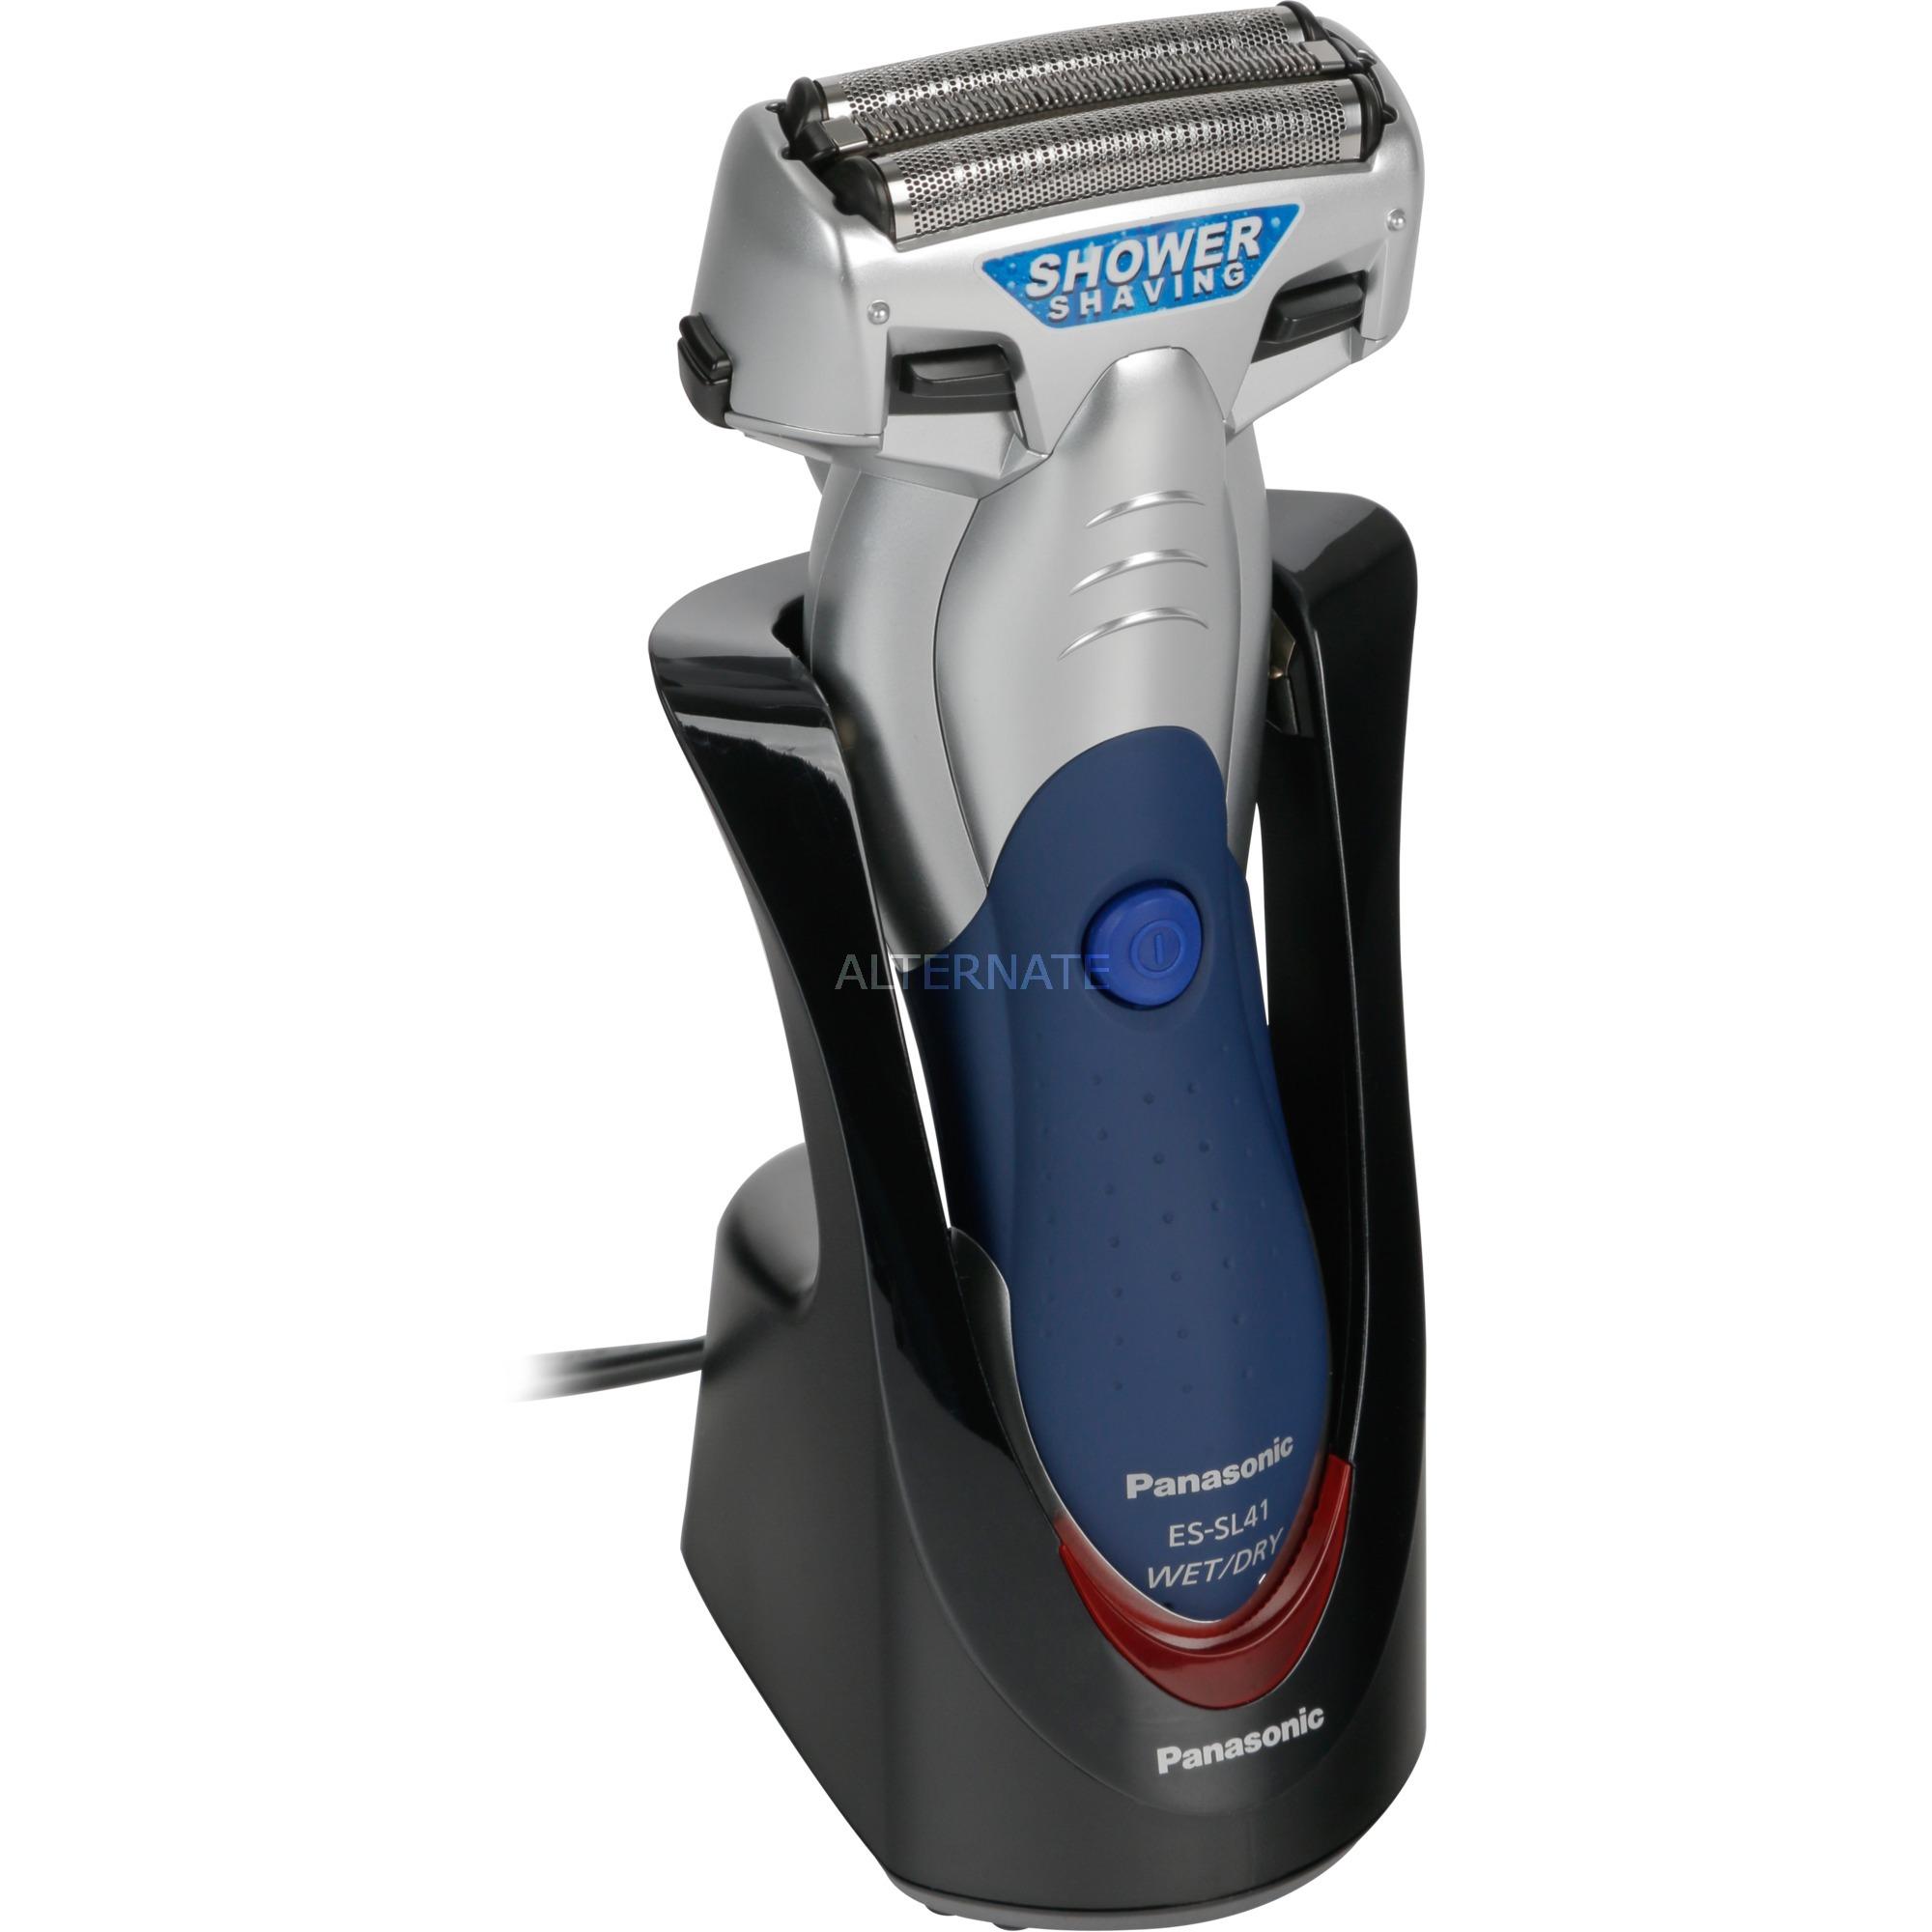 ES-SL41 Máquina de afeitar de láminas Recortadora Azul, Plata afeitadora